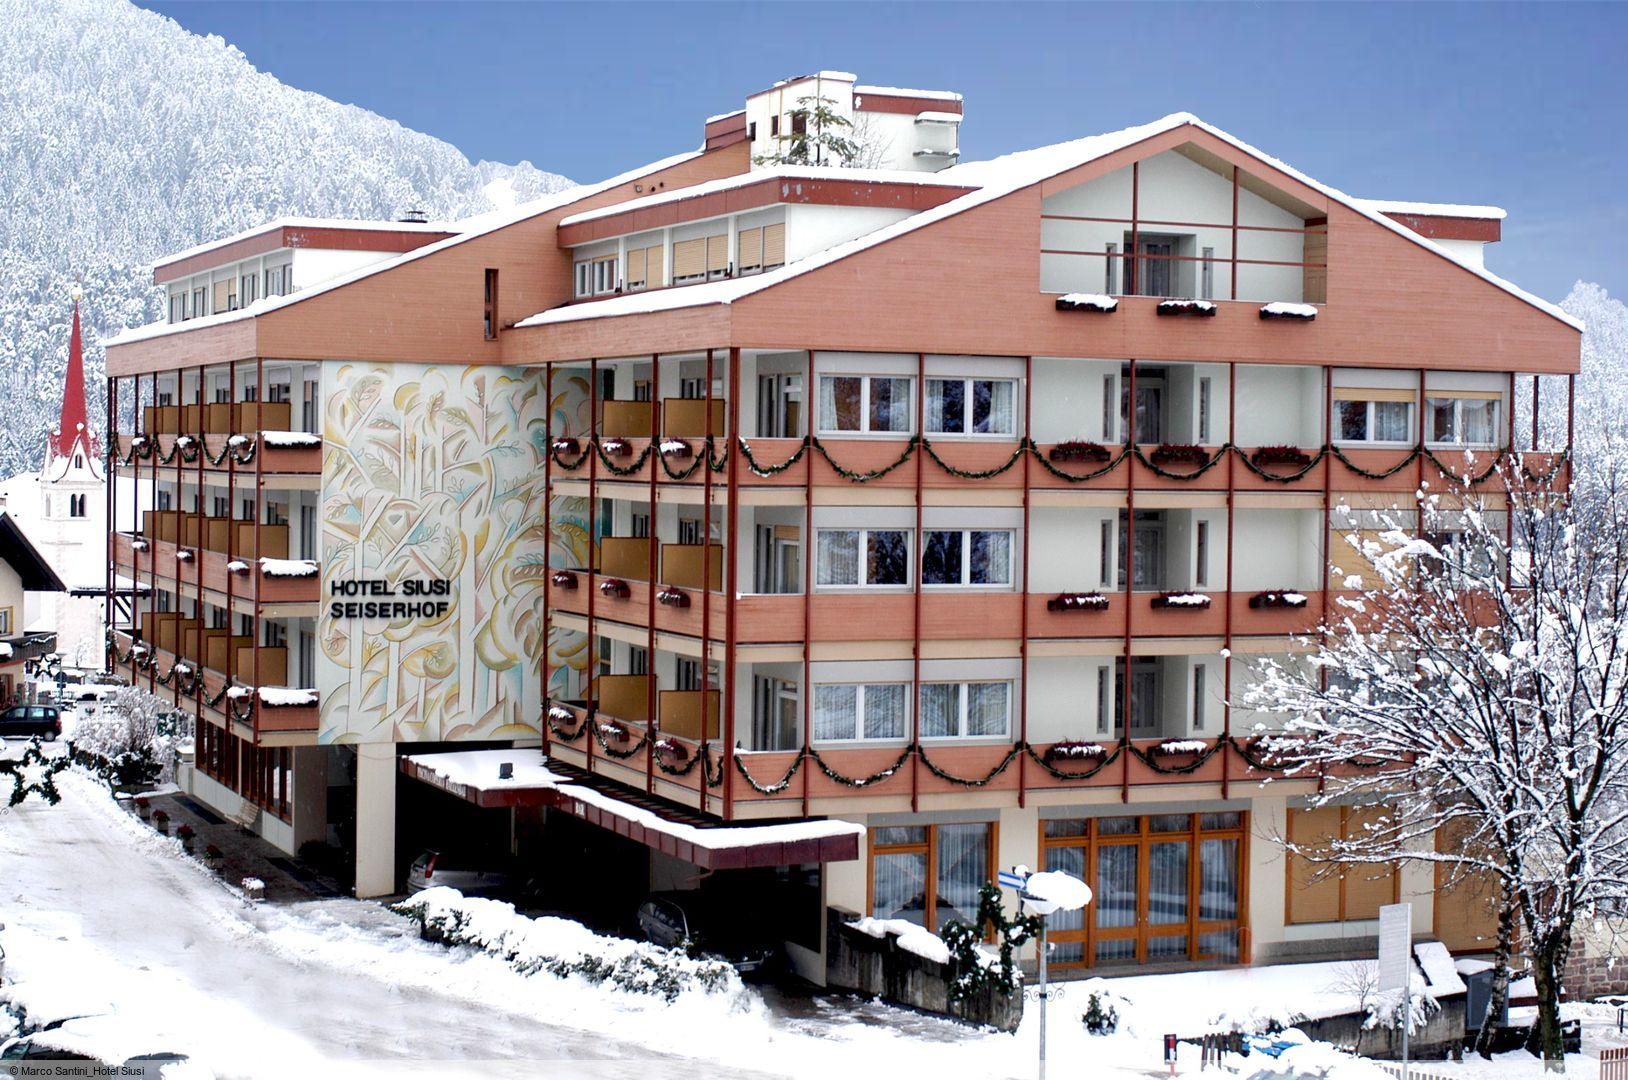 Unterkunft Hotel Seiserhof, Seis,